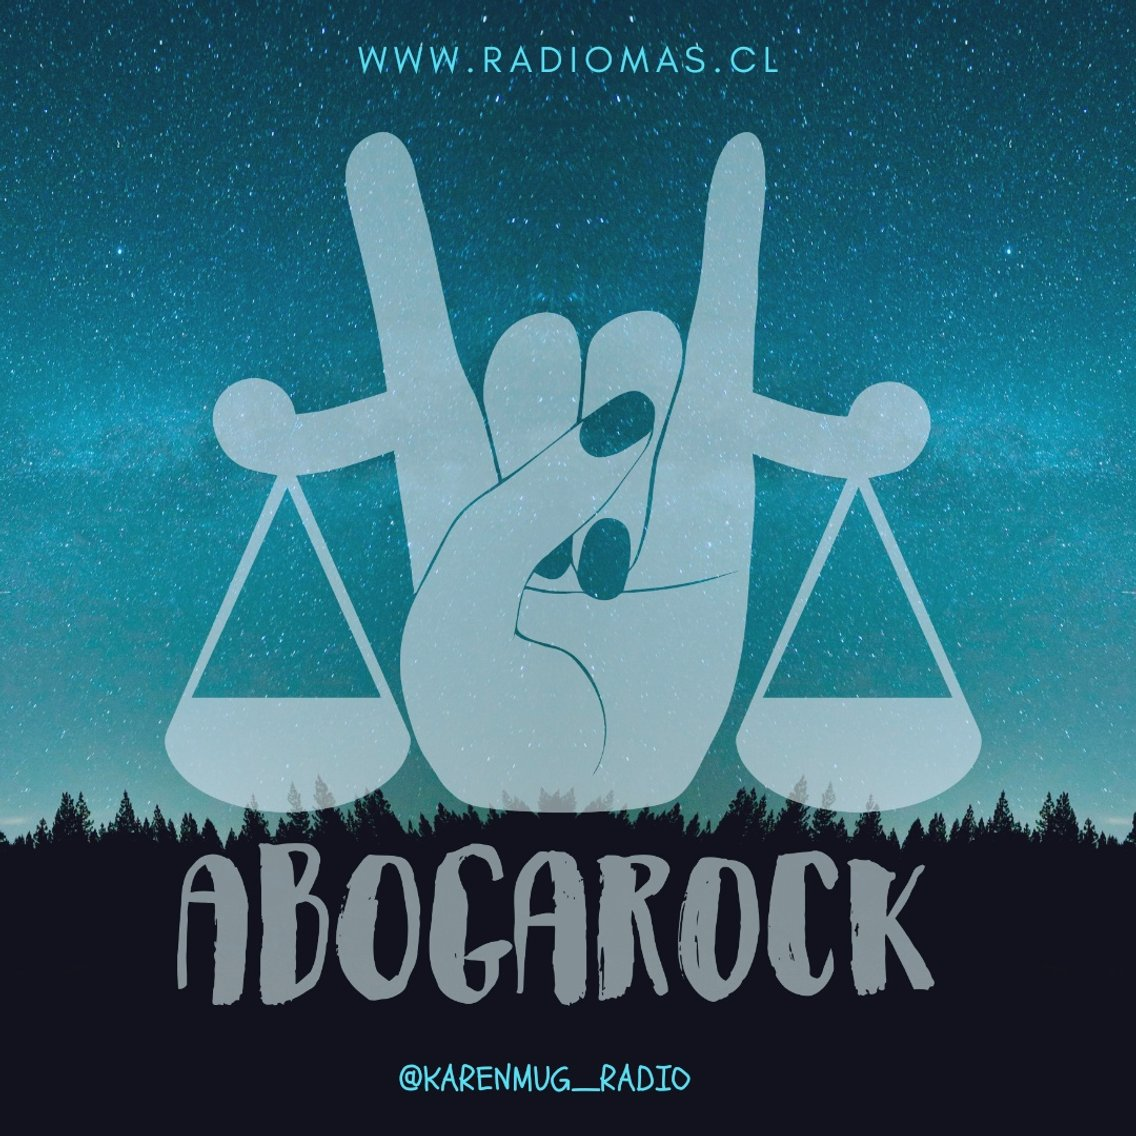 Abogarock - immagine di copertina